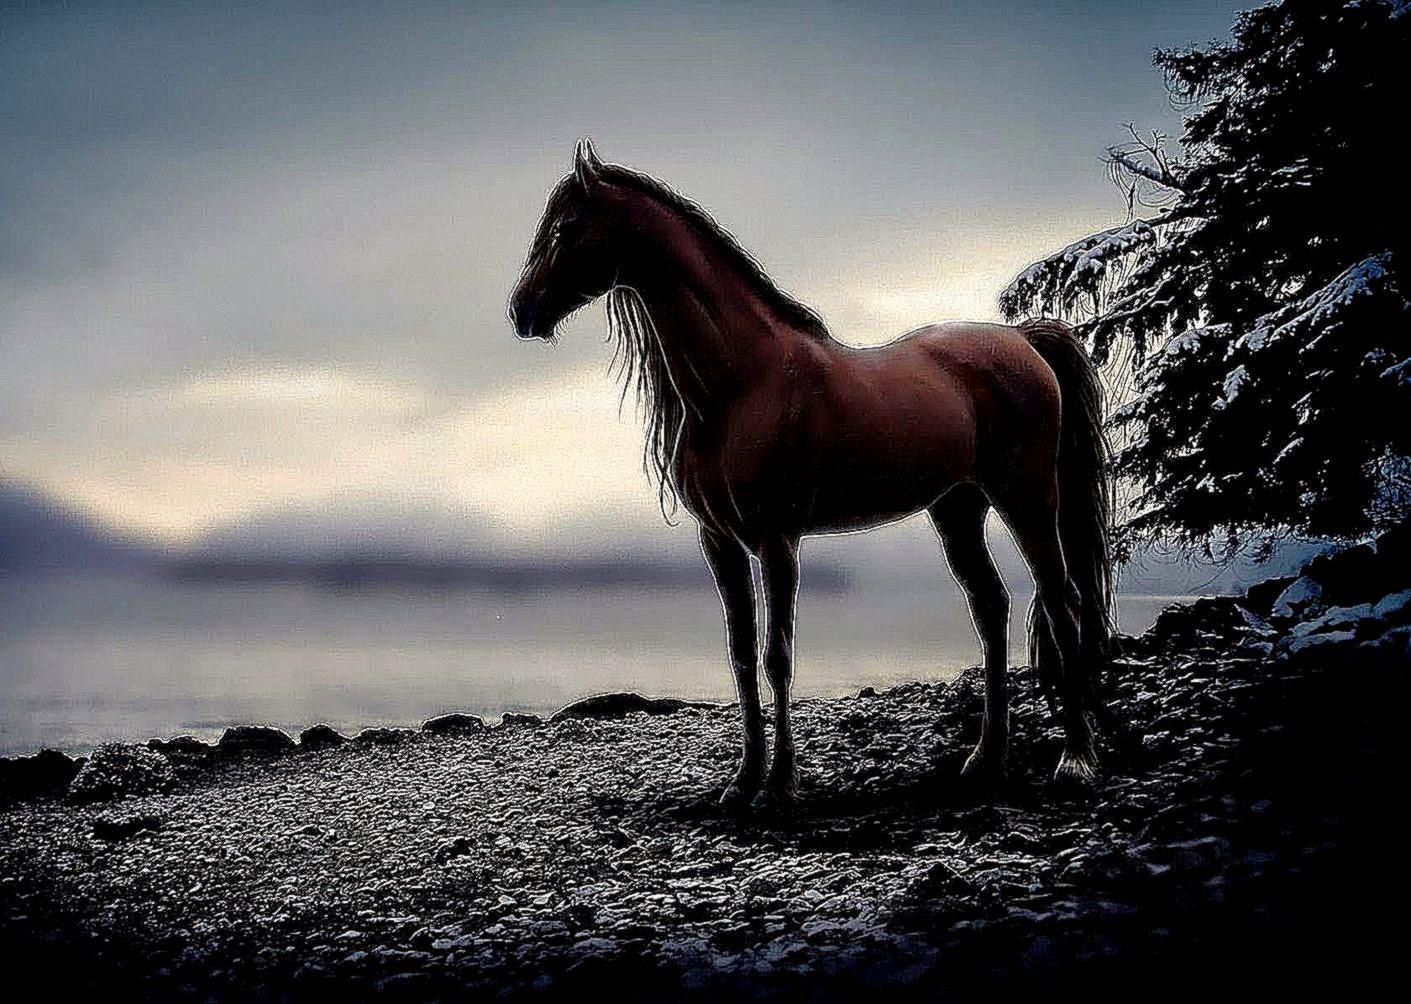 dark horse wallpaper sunset all hd wallpapers